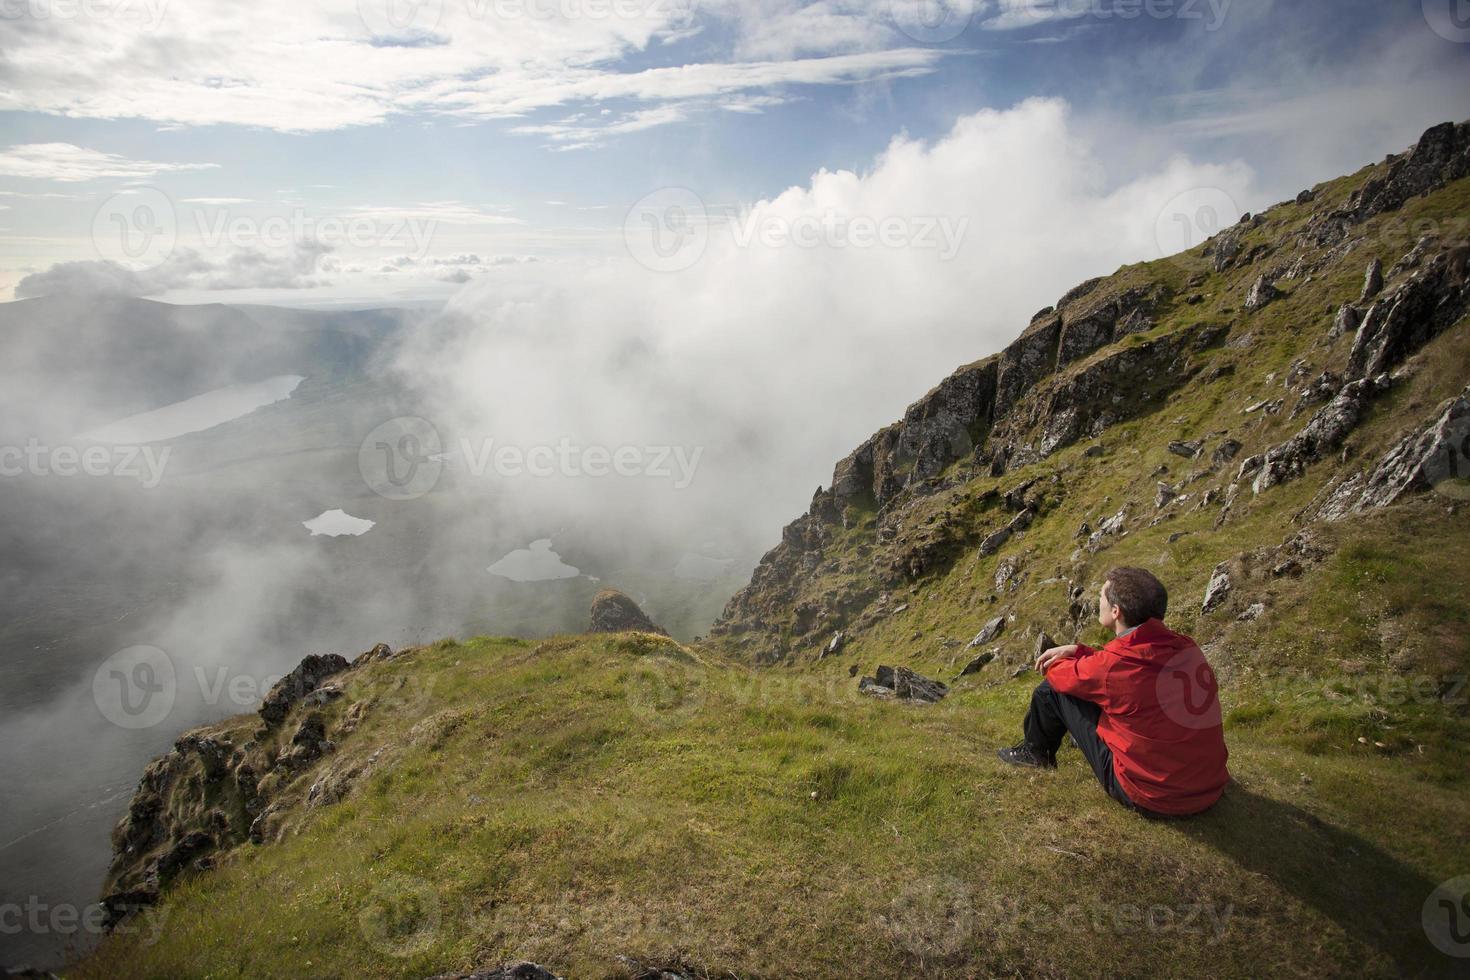 alpinista com vista para o topo da montanha foto